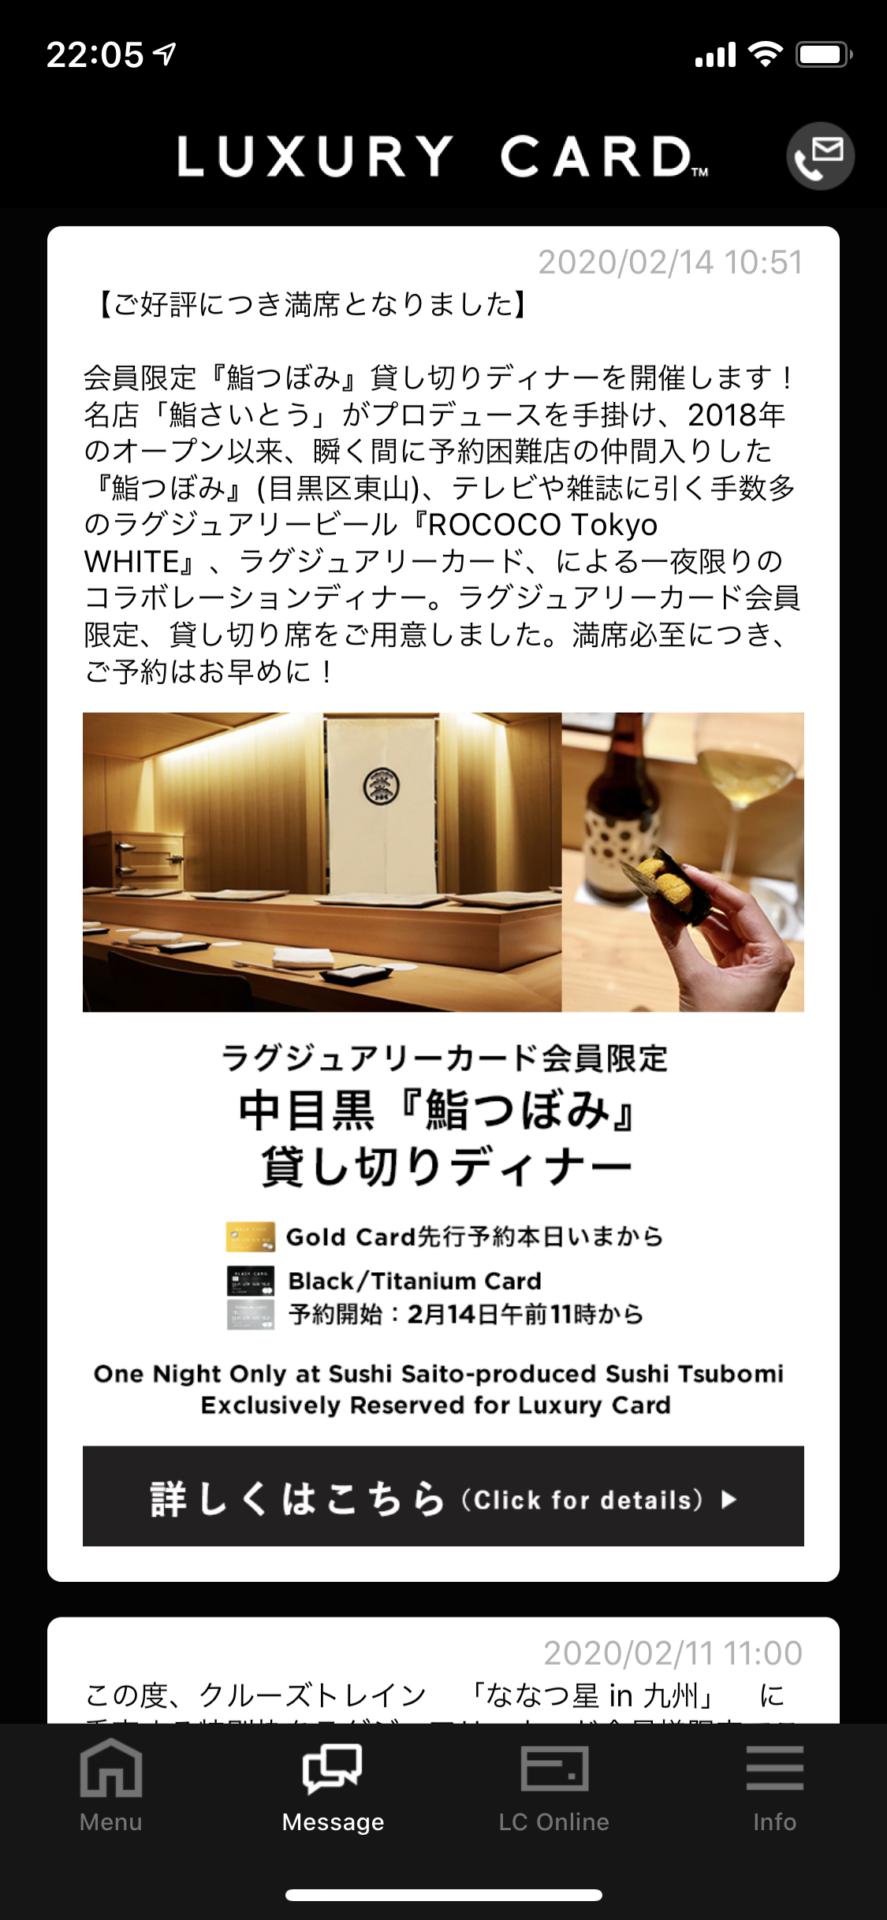 中目黒「鮨つぼみ」貸切ディナー!ラグジュアリーカード限定